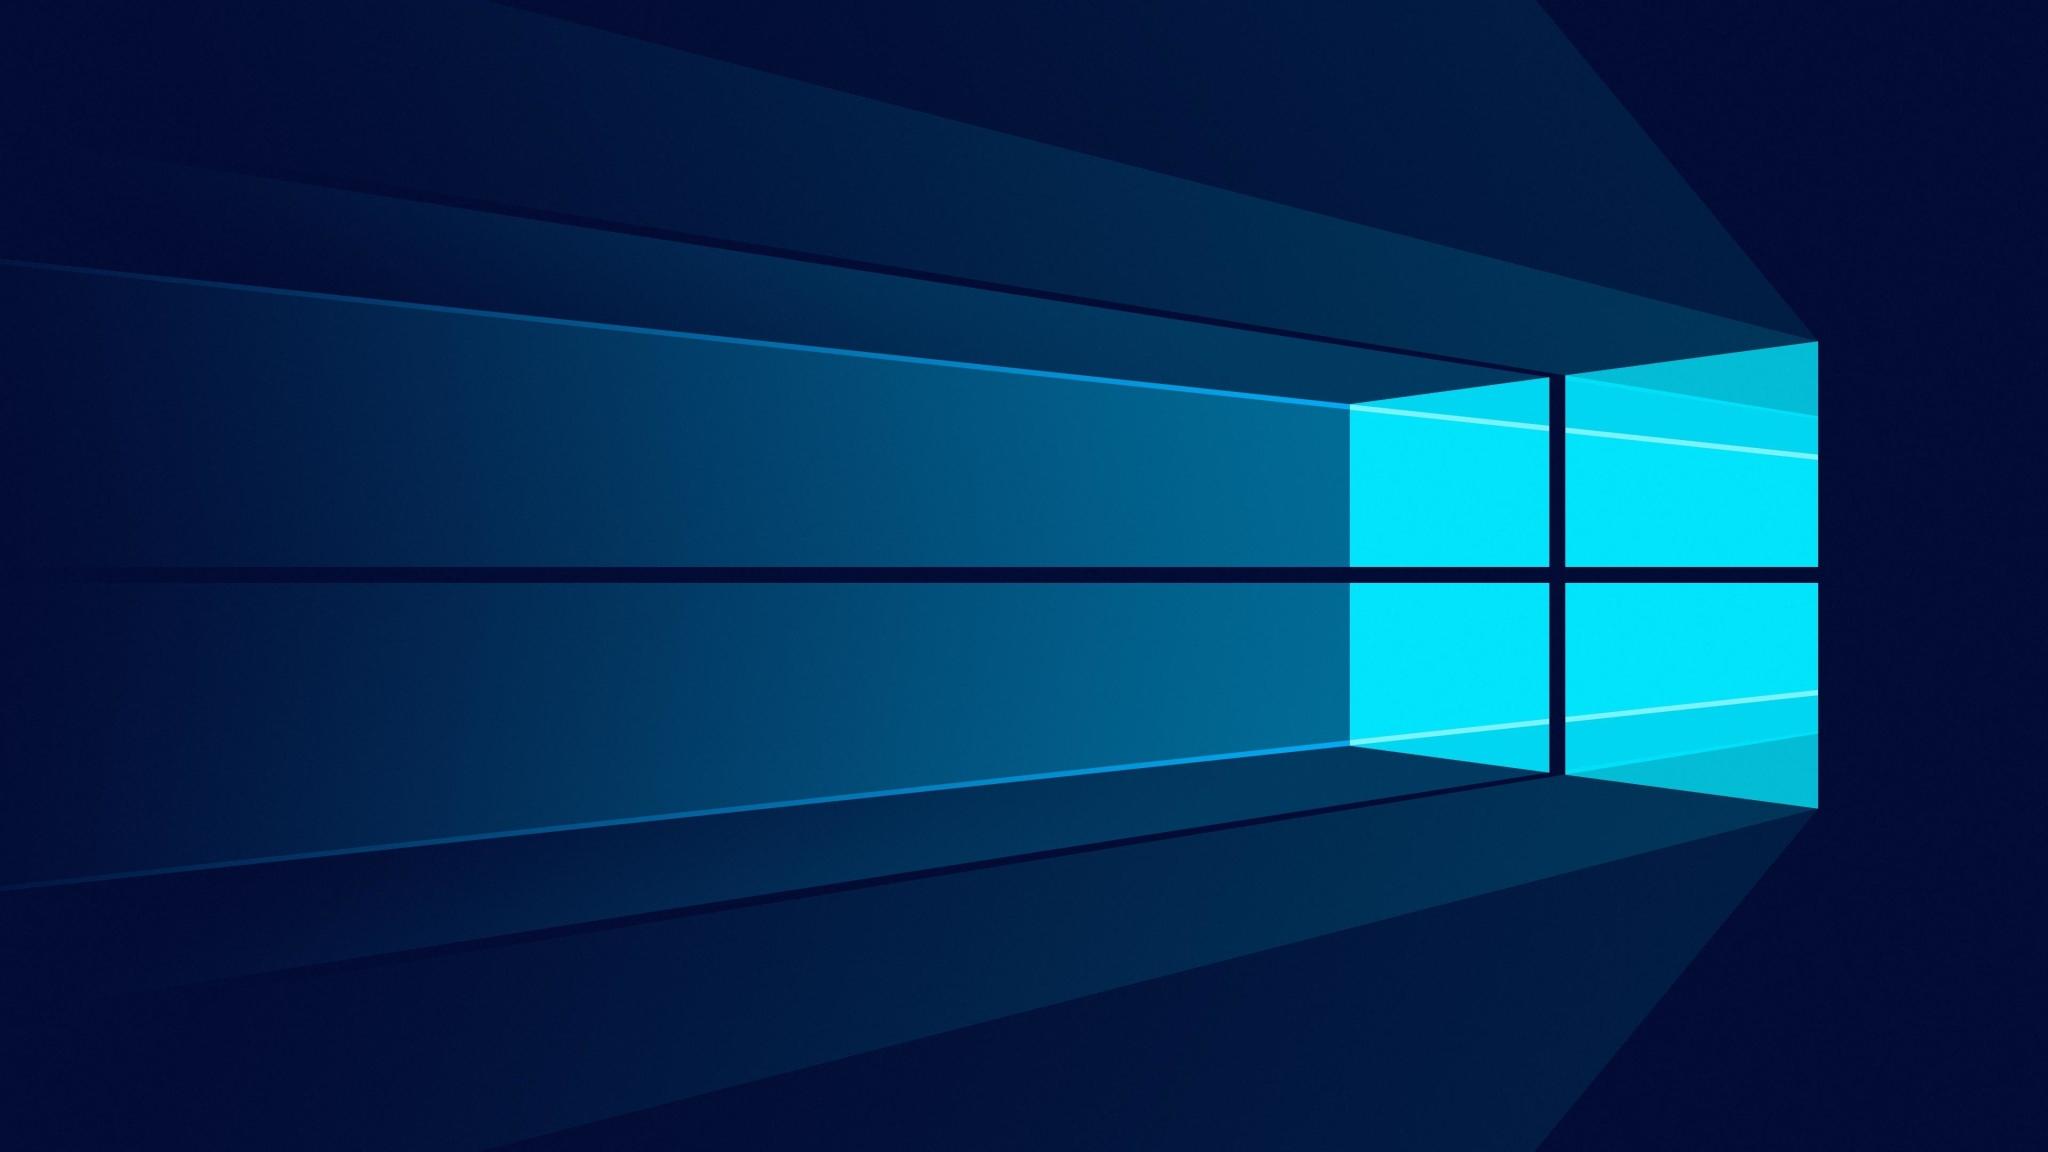 2048x1152 Windows 10 Minimal 2048x1152 Resolution Wallpaper